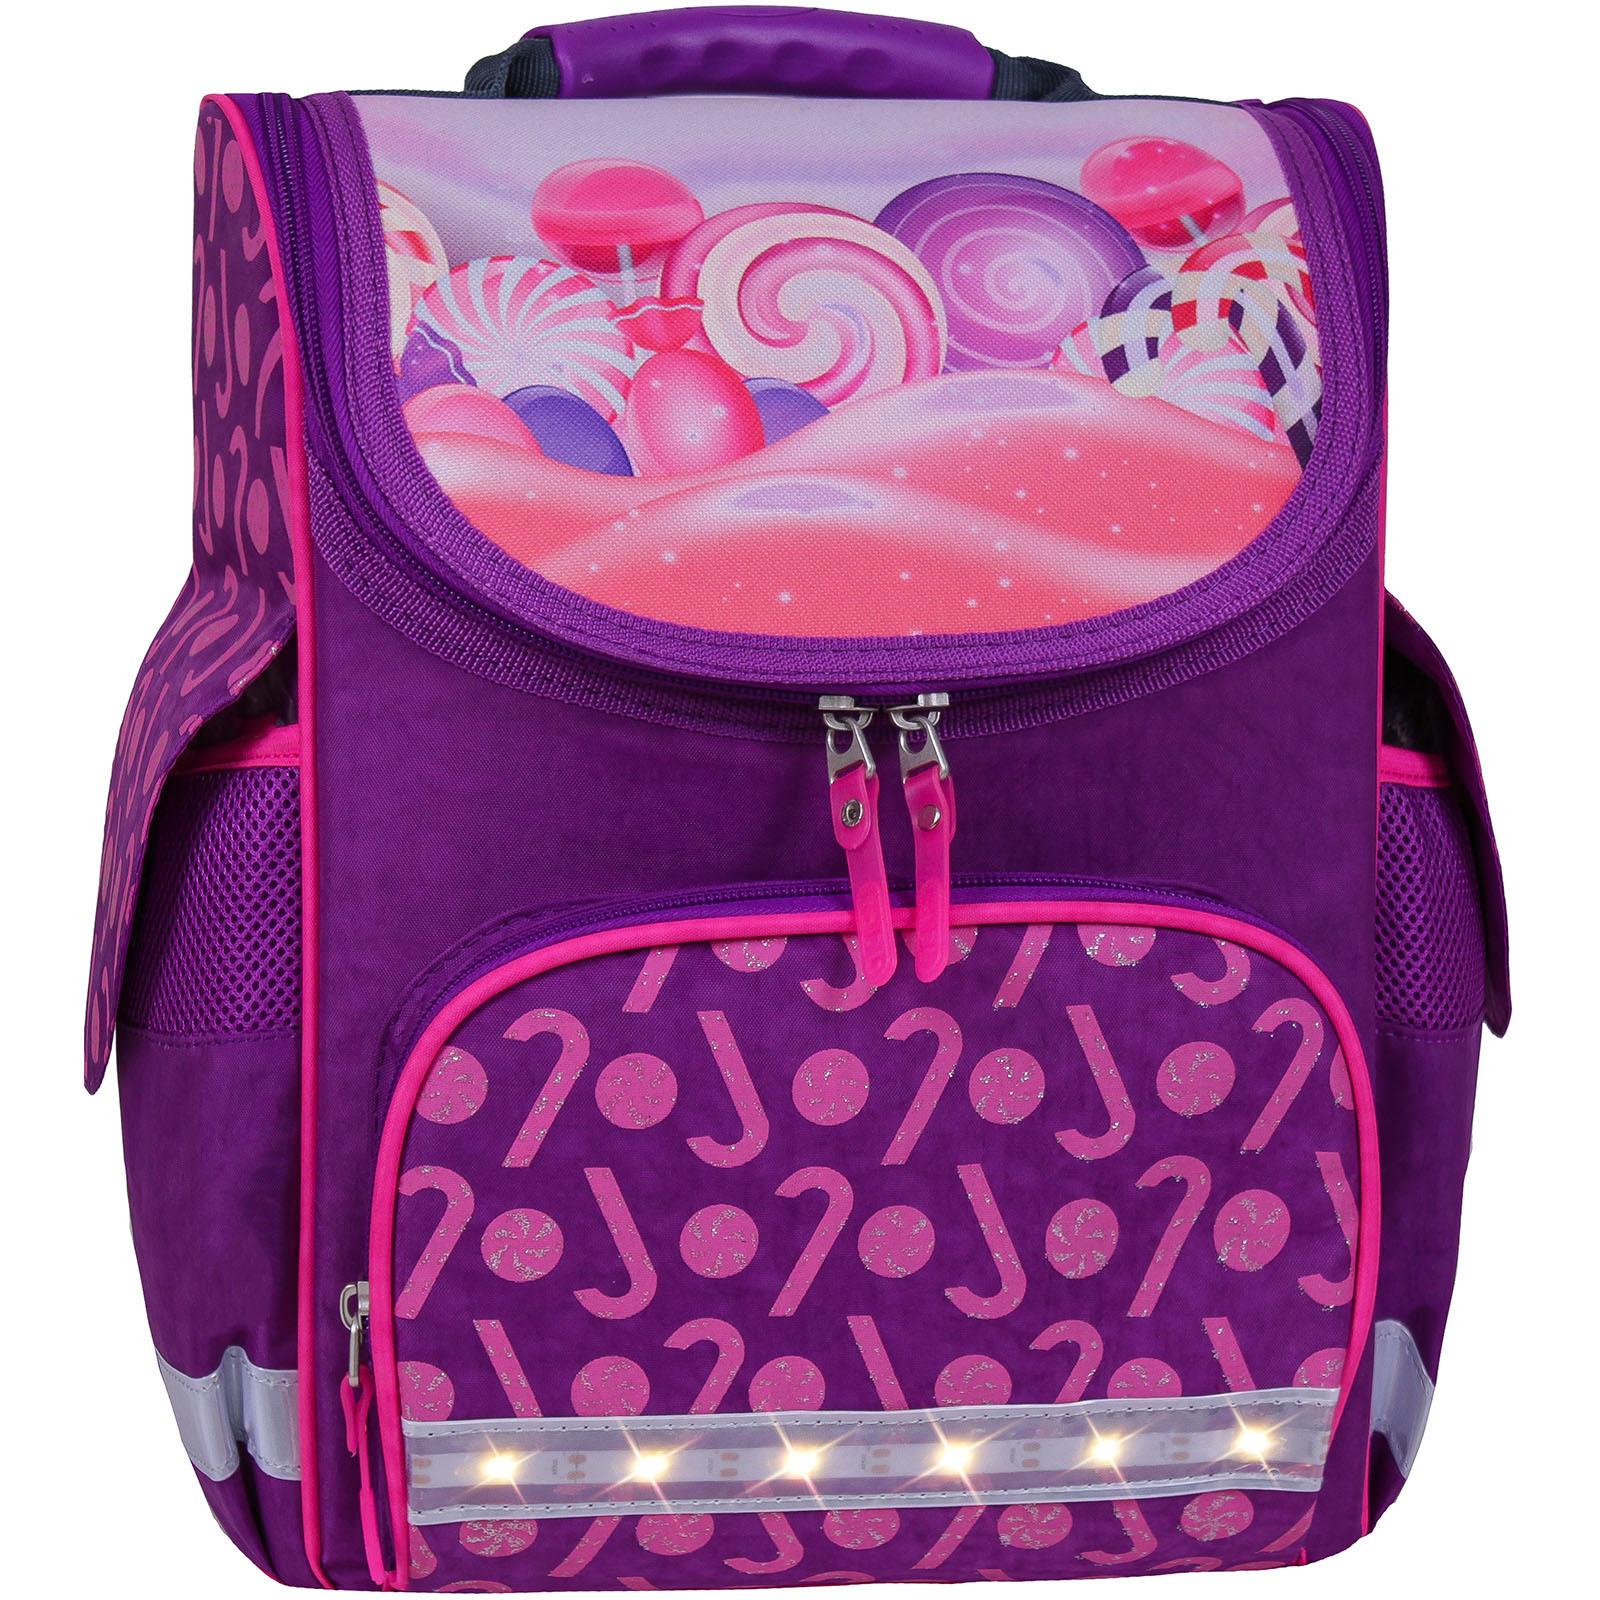 Школьные рюкзаки Рюкзак школьный каркасный с фонариками Bagland Успех 12 л. фиолетовый 409 (00551703) IMG_7148_блеск__409_.jpg